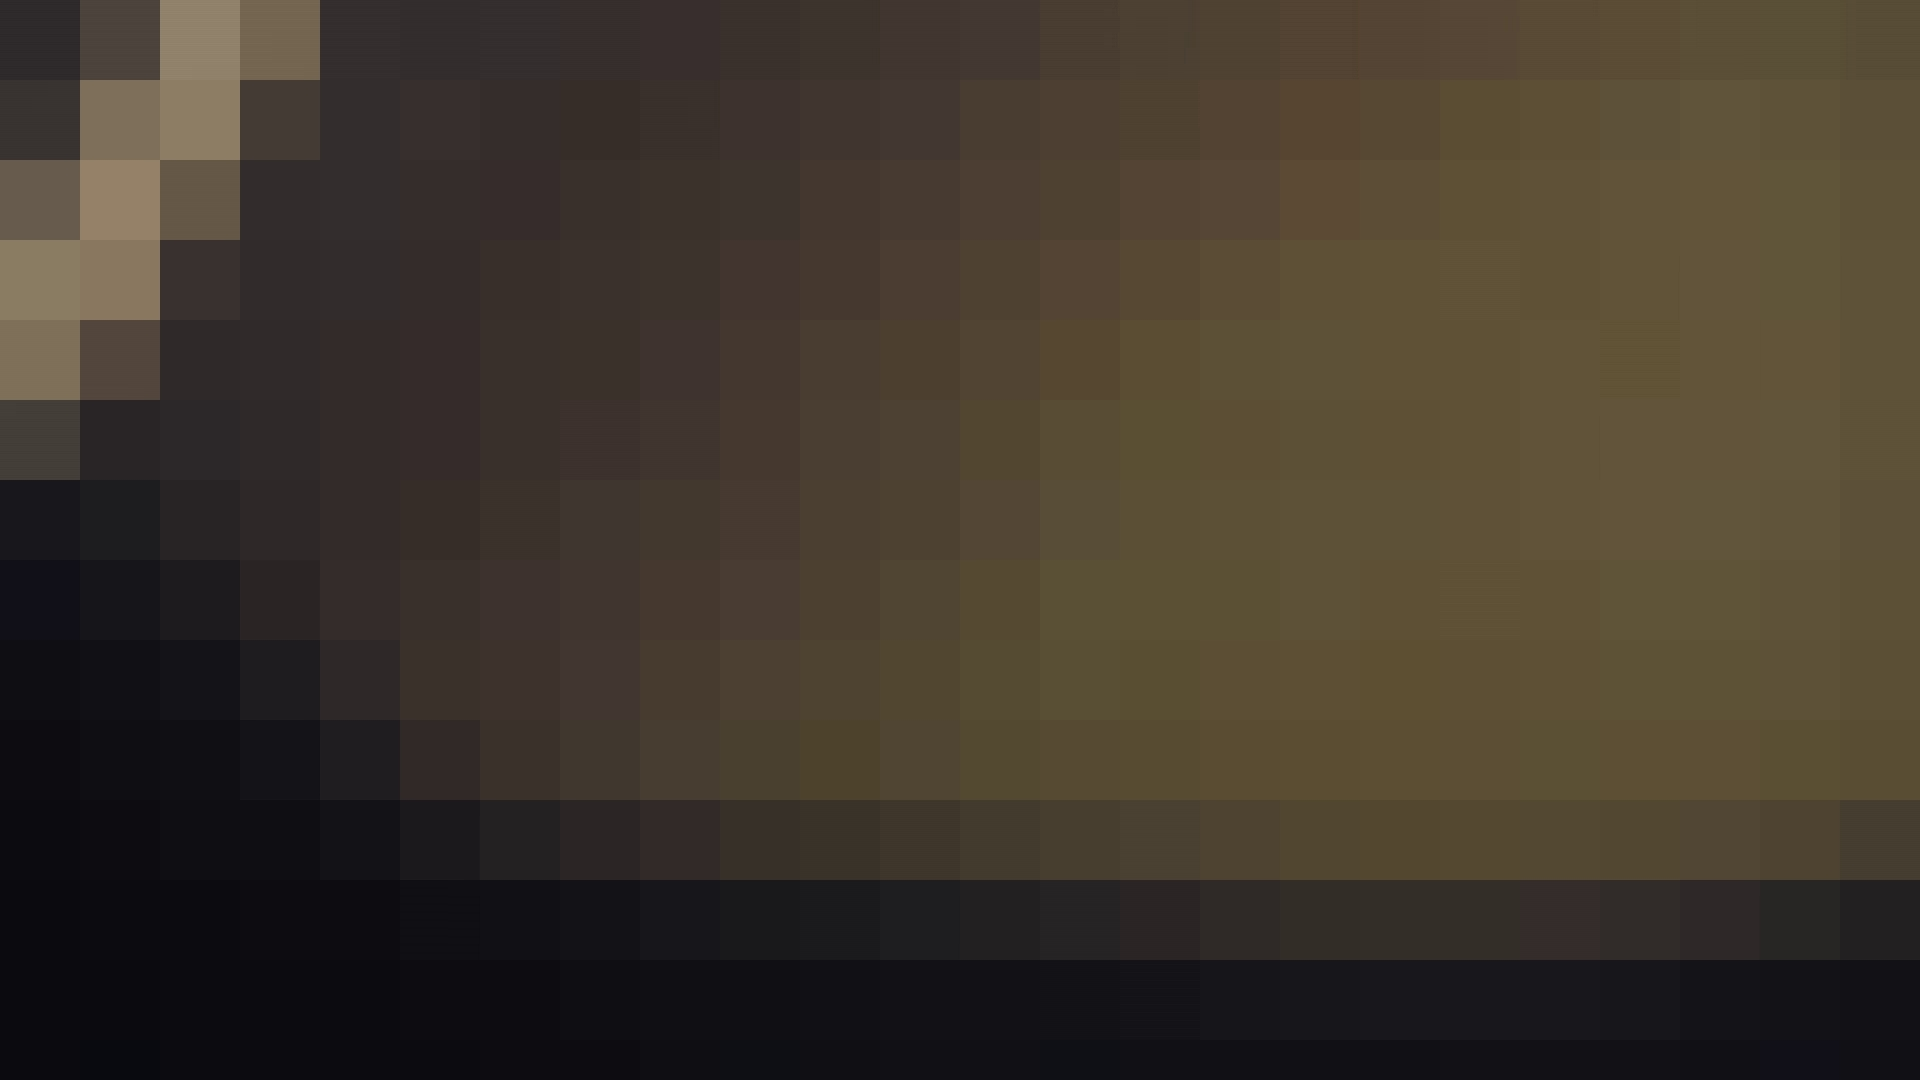 阿国ちゃんの「和式洋式七変化」No.17 洗面所   丸見えマンコ  95画像 71